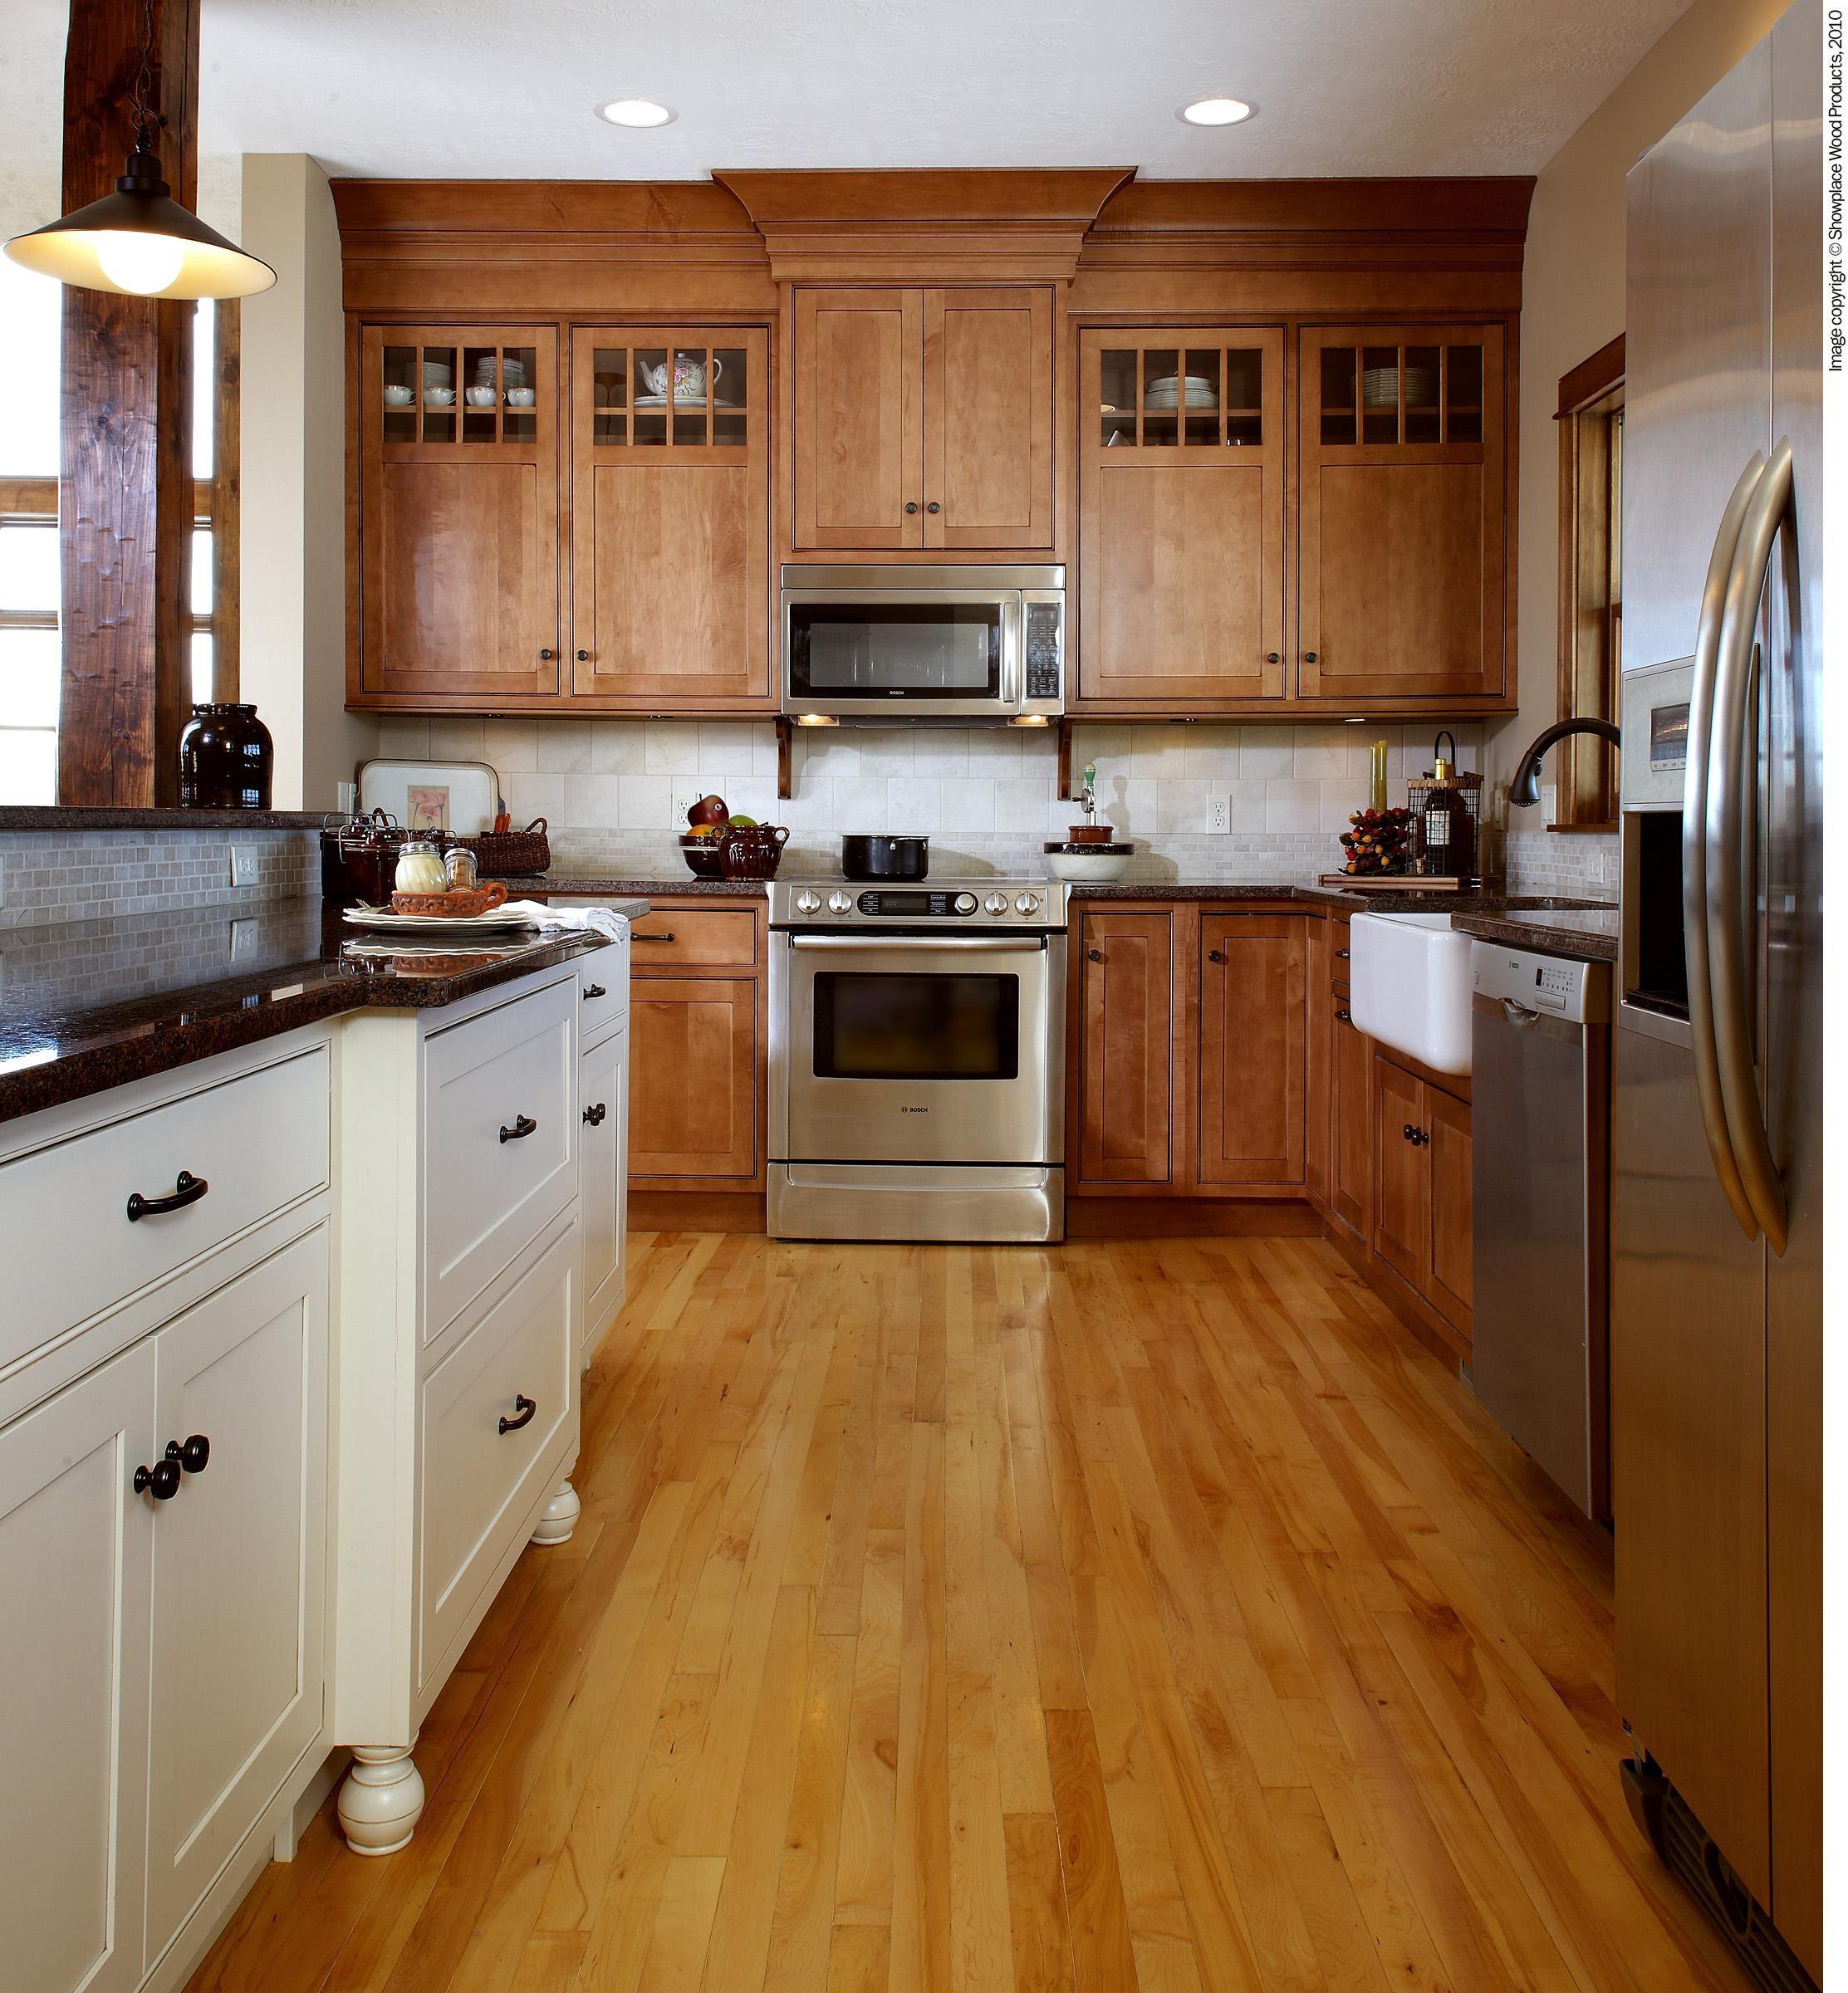 Erstaunlich, Misch Küche Farben Die drei